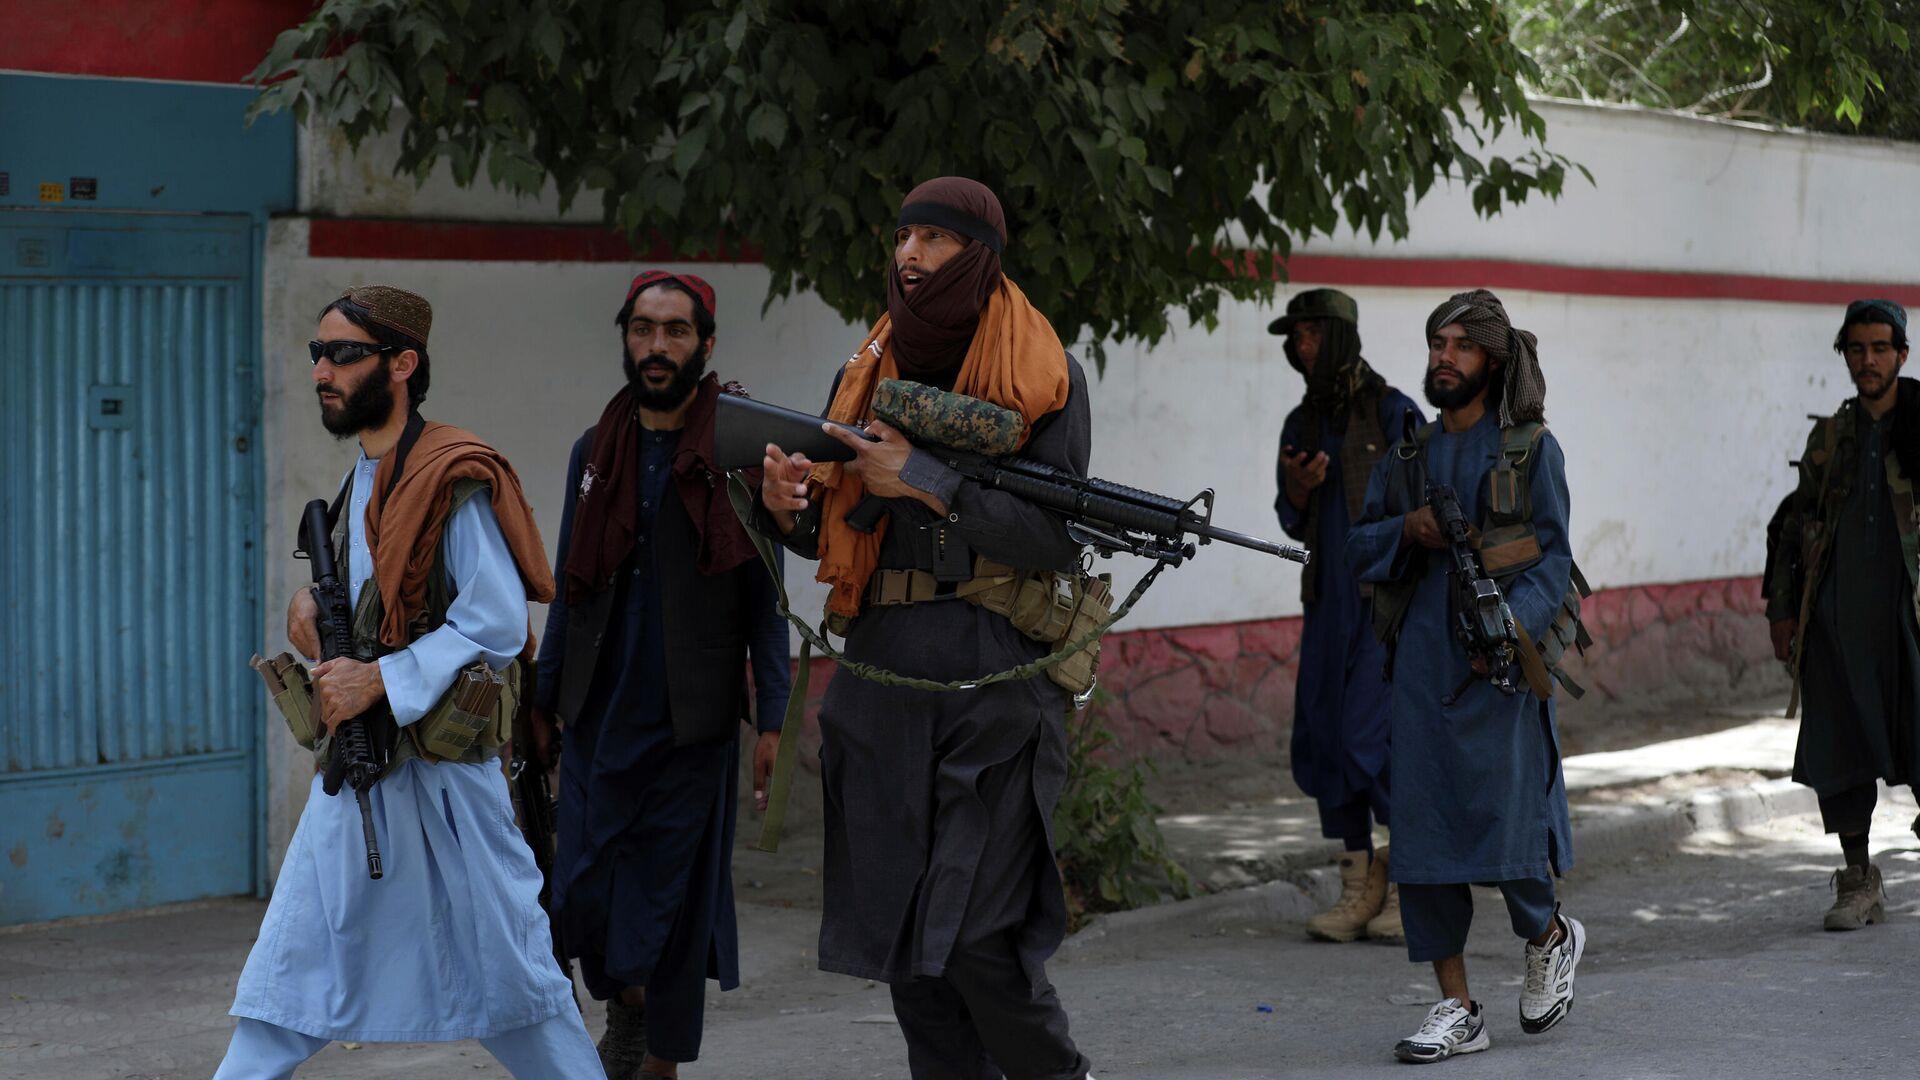 Αφγανιστάν: Οι Ταλιμπάν στην Καμπούλ - Sputnik Ελλάδα, 1920, 08.09.2021